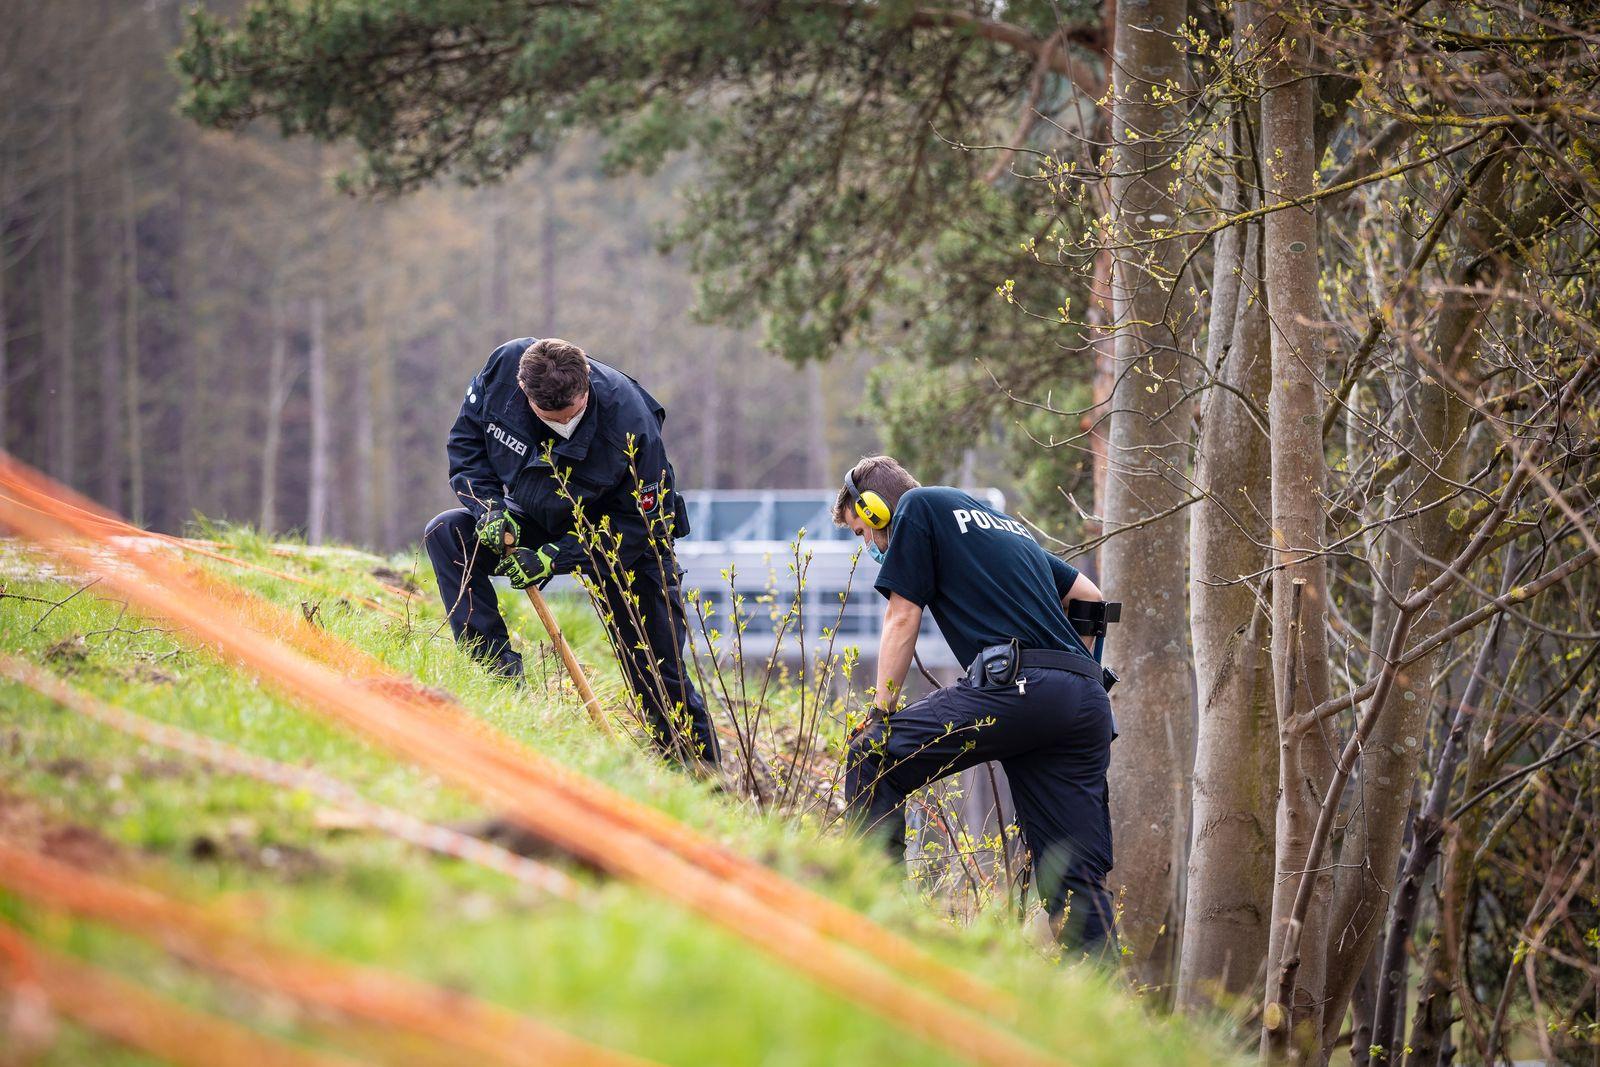 Polizei findet vier Jahre nach Mord mögliche Tatwaffe